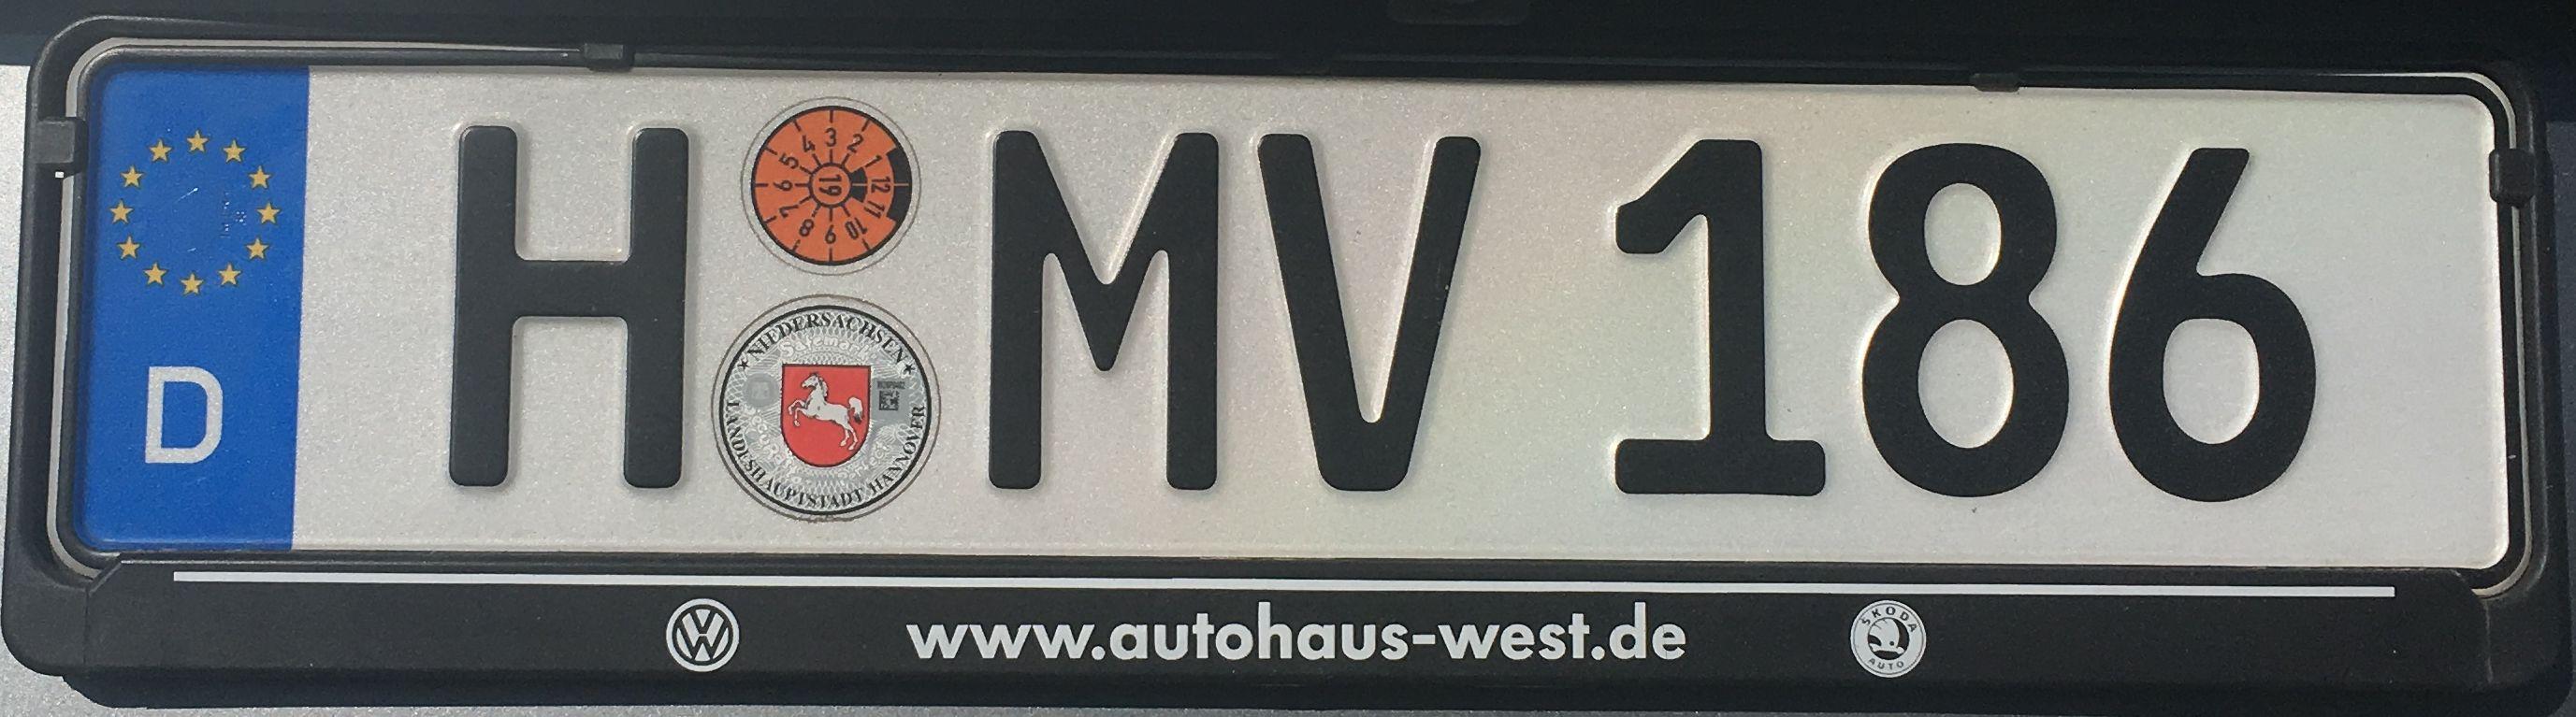 Registrační značky Německo - H - Hannover, foto: vlastní